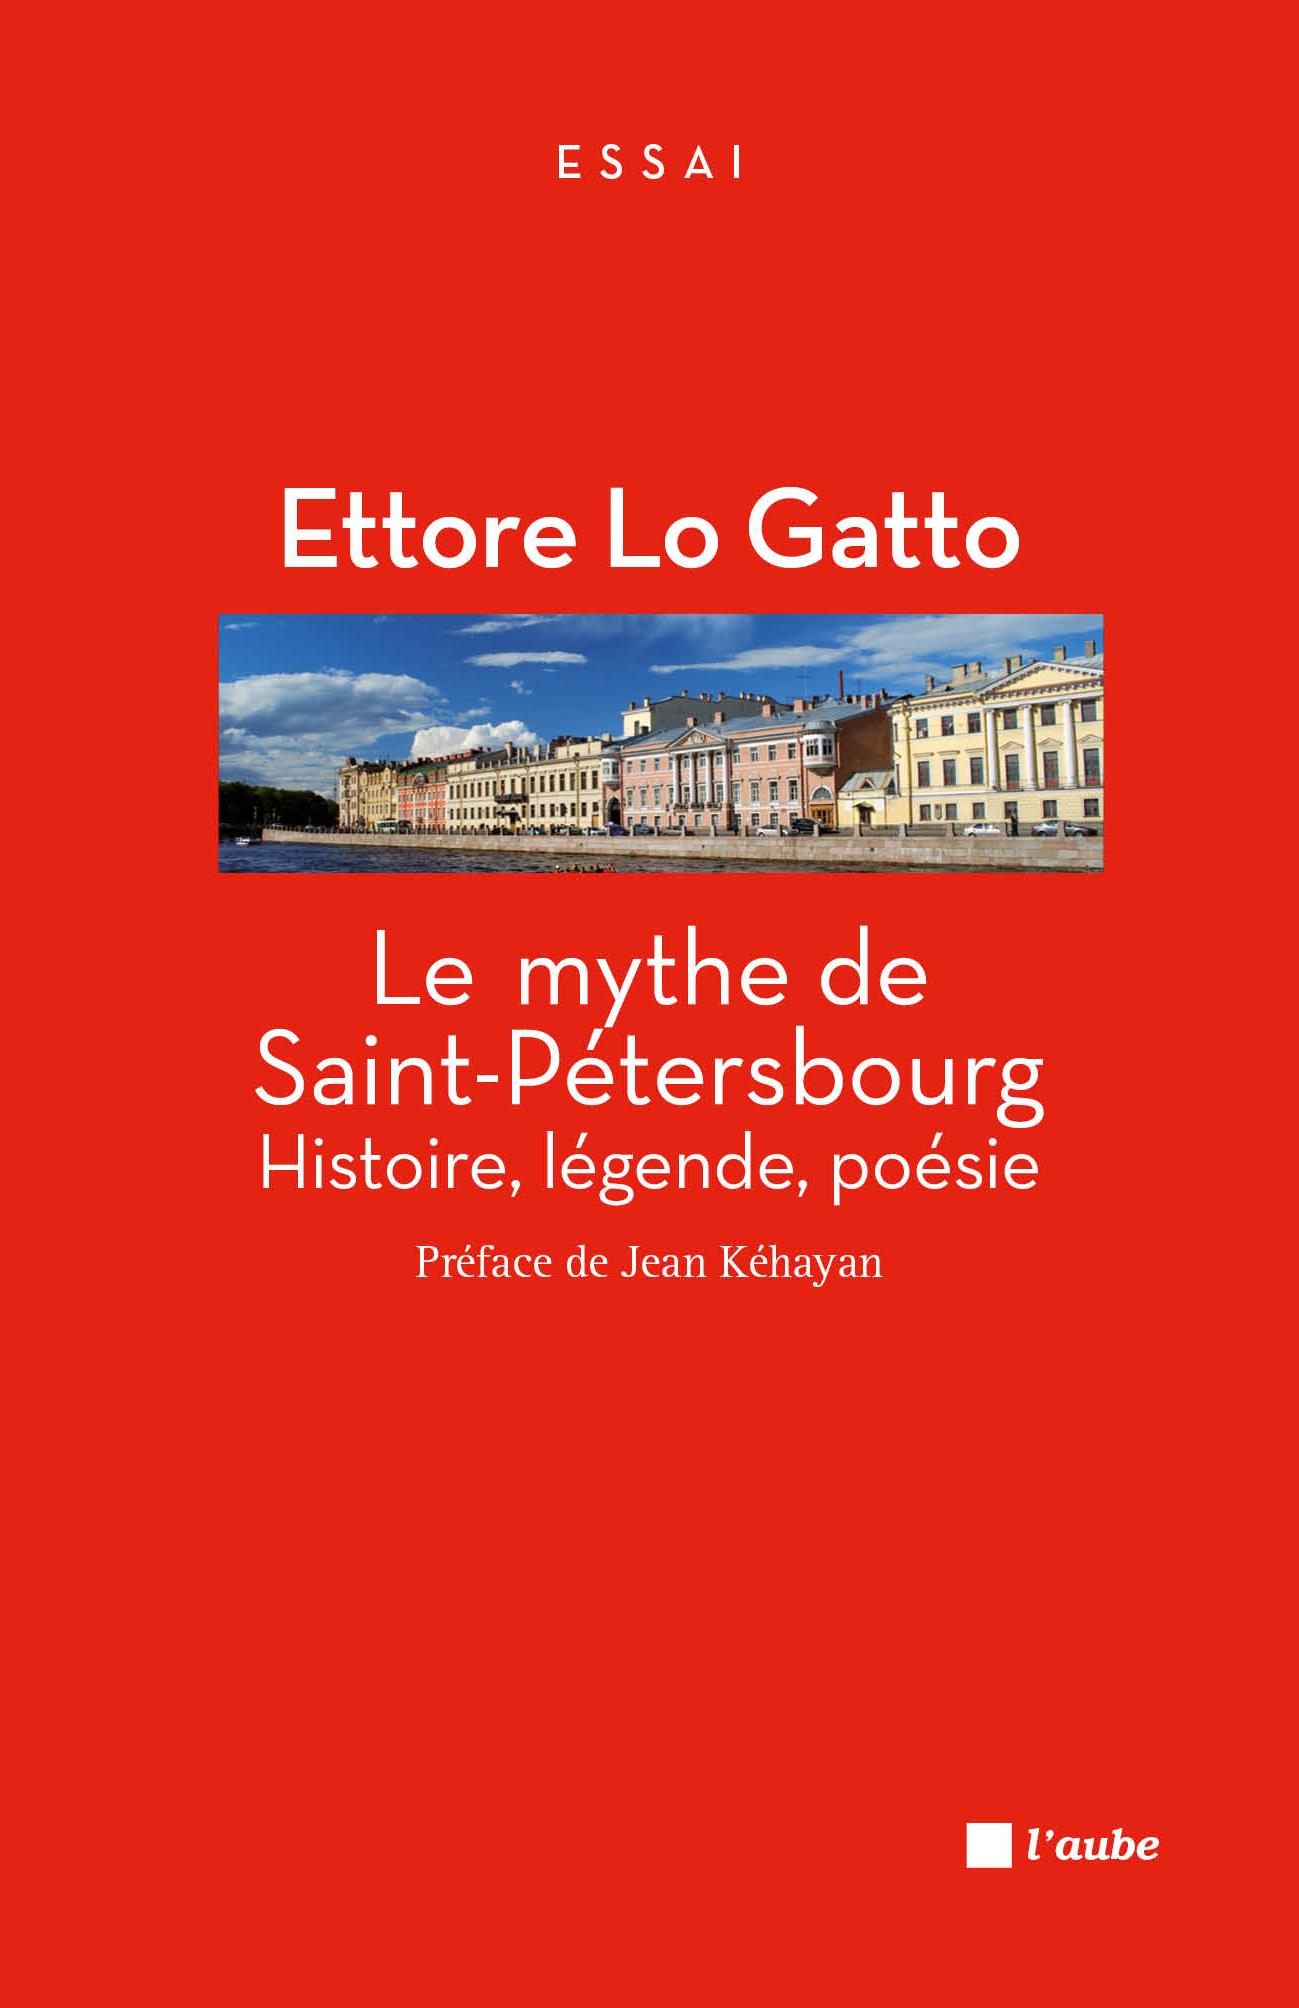 Le Mythe de Saint-Pétersbourg